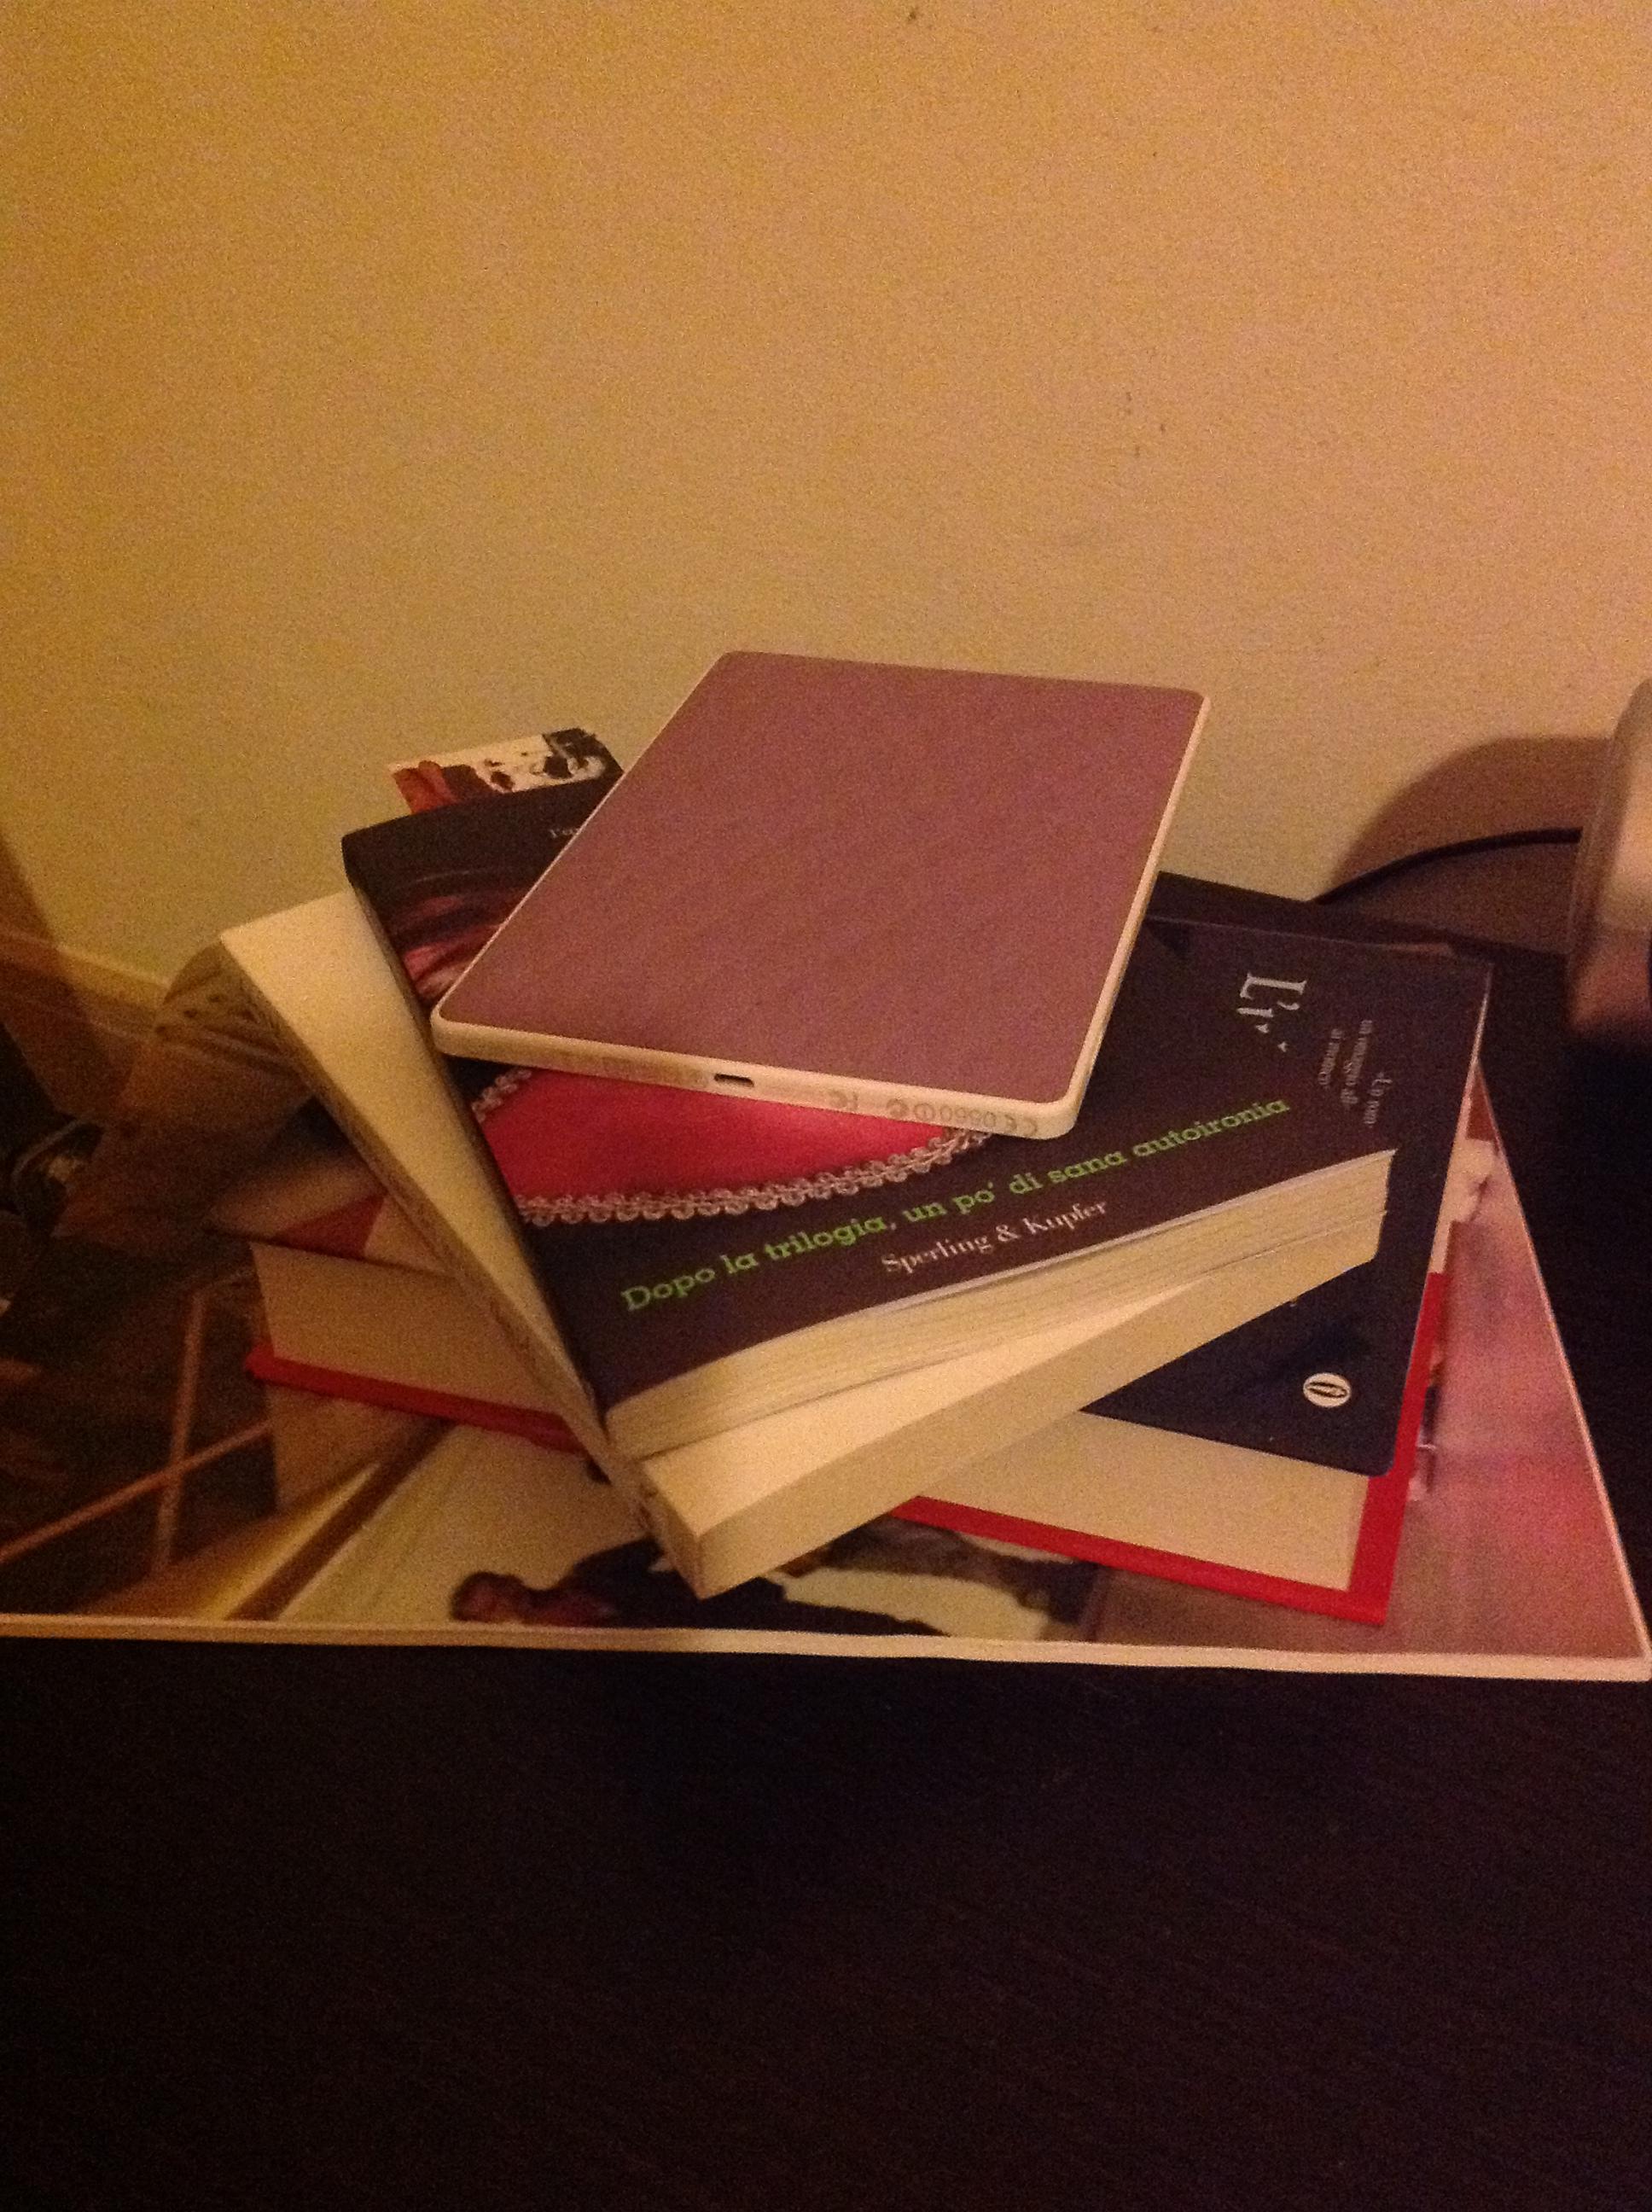 Kobo e libri